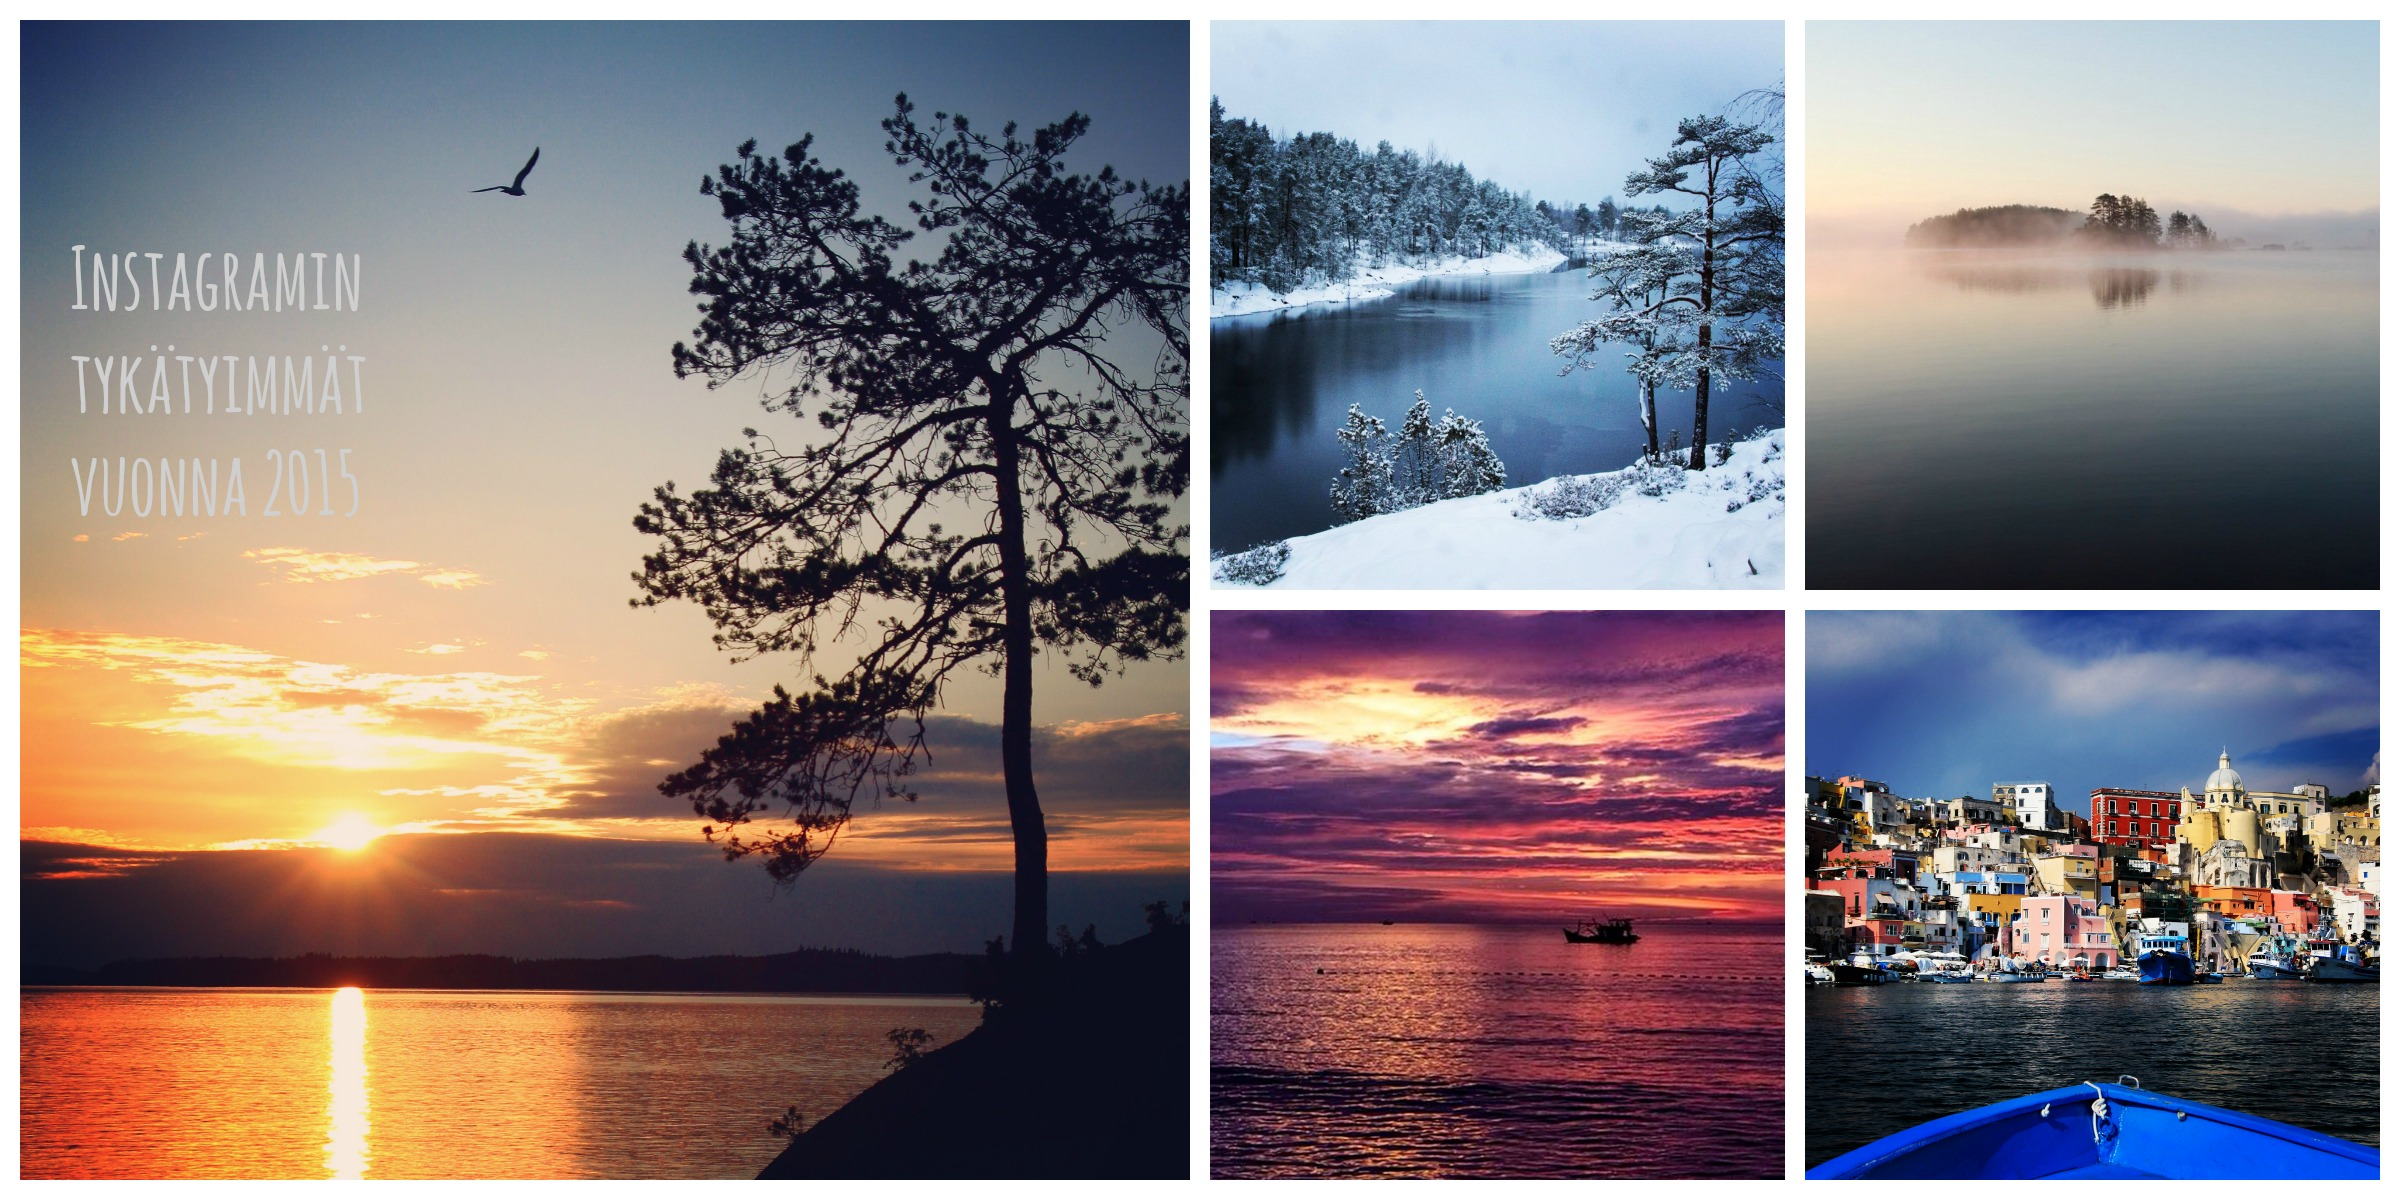 Instagramin_tykätyimmät2015